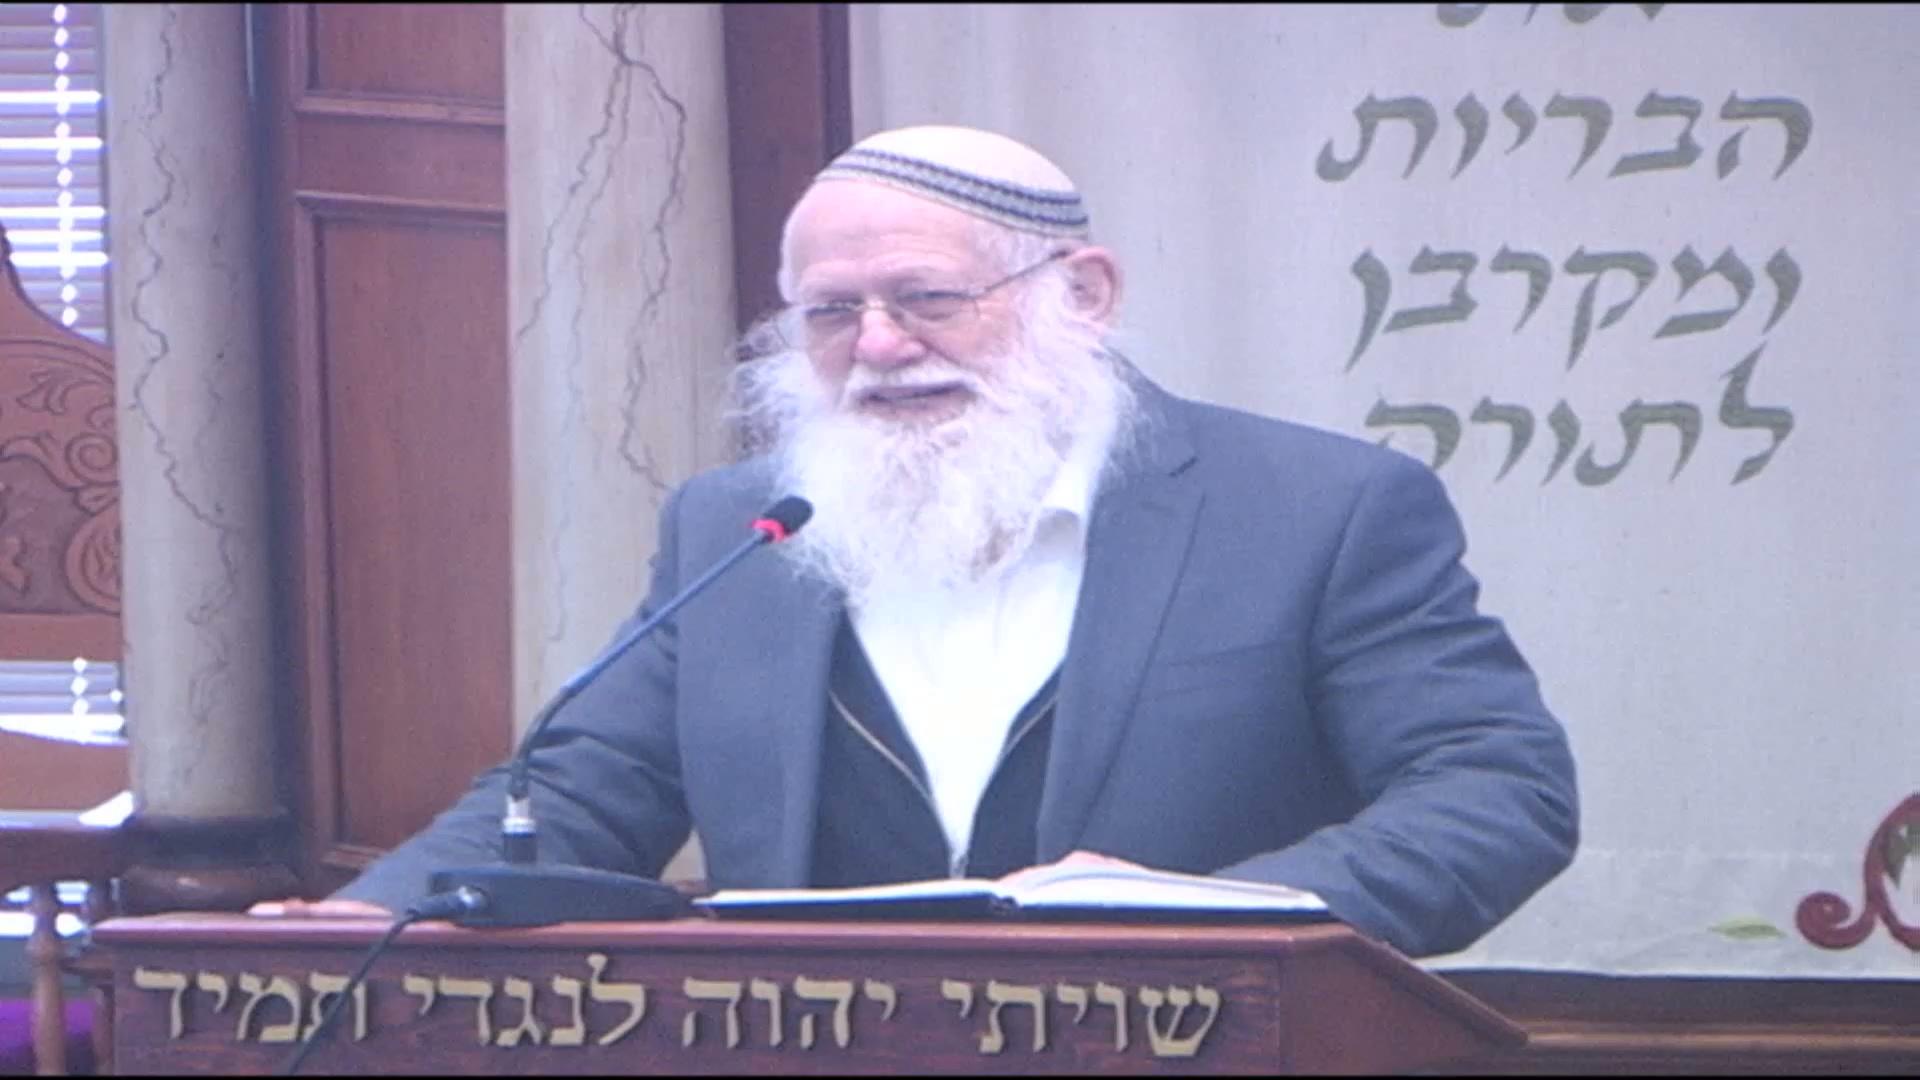 התפעלות מיופיה של ארץ ישראל לעומת לימוד תורה